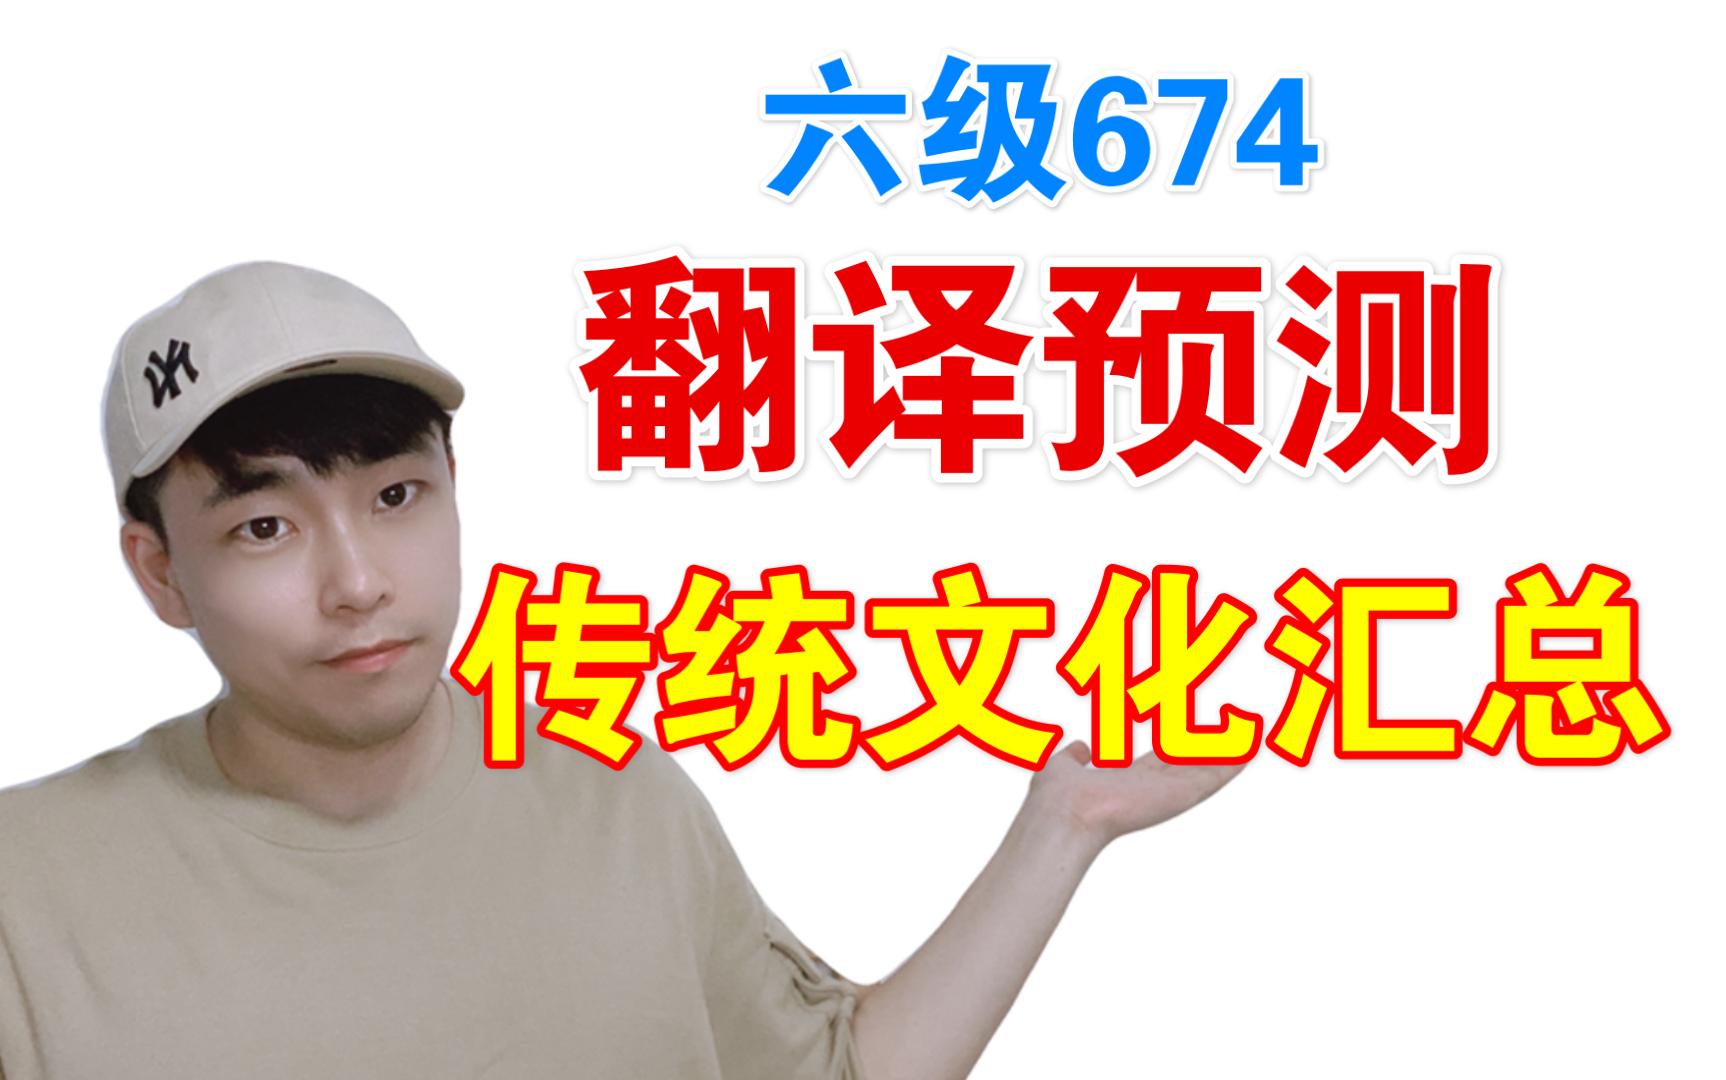 【必考干货】2021四六级翻译预测!传统文化官方翻译!(2020已中)